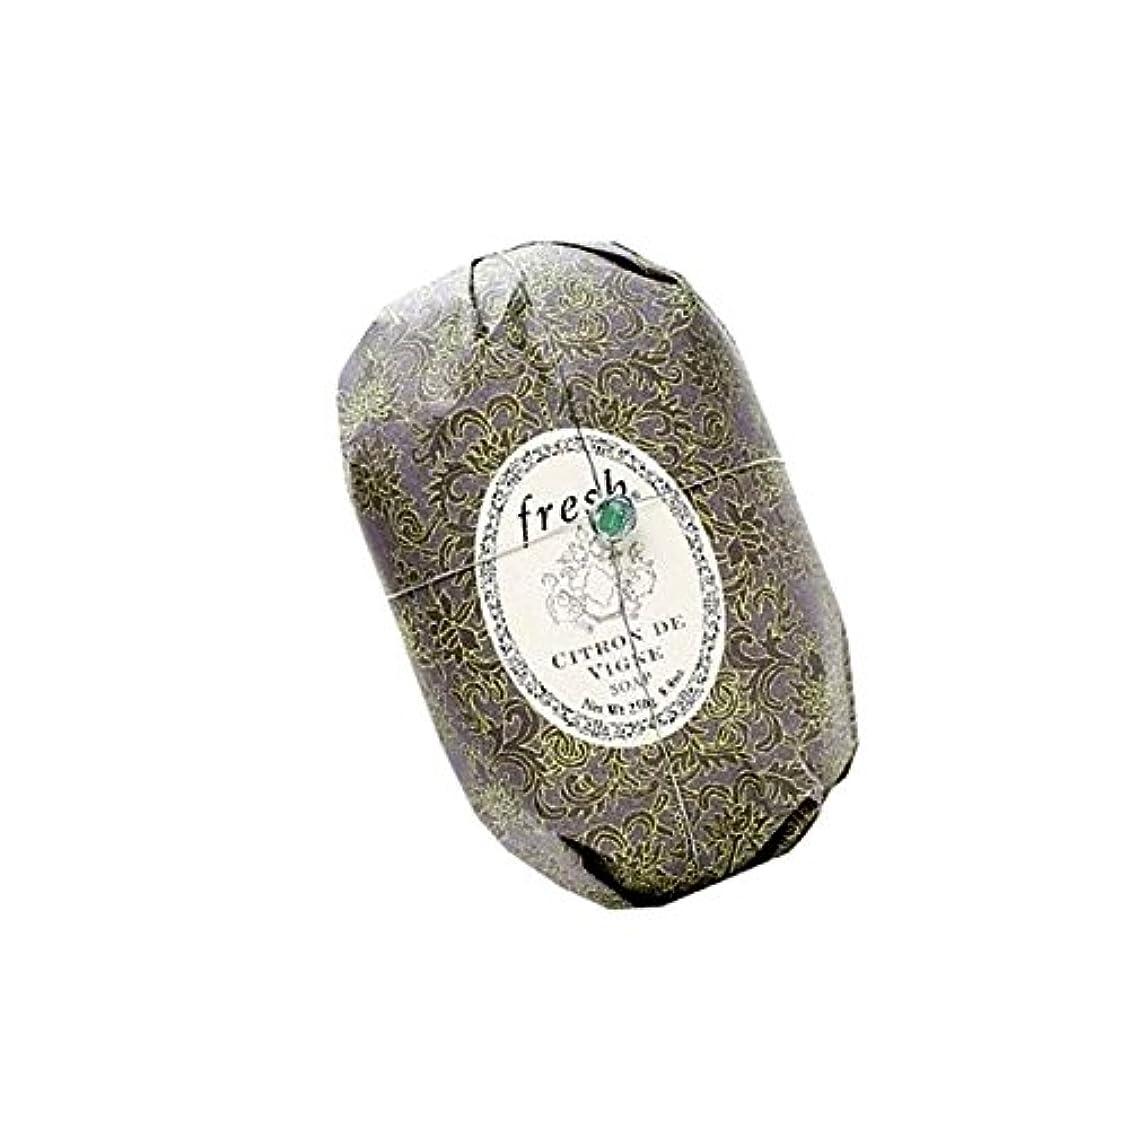 微弱クランシー抵抗力があるFresh フレッシュ Citron de Vigne Soap 石鹸, 250g/8.8oz. [海外直送品] [並行輸入品]